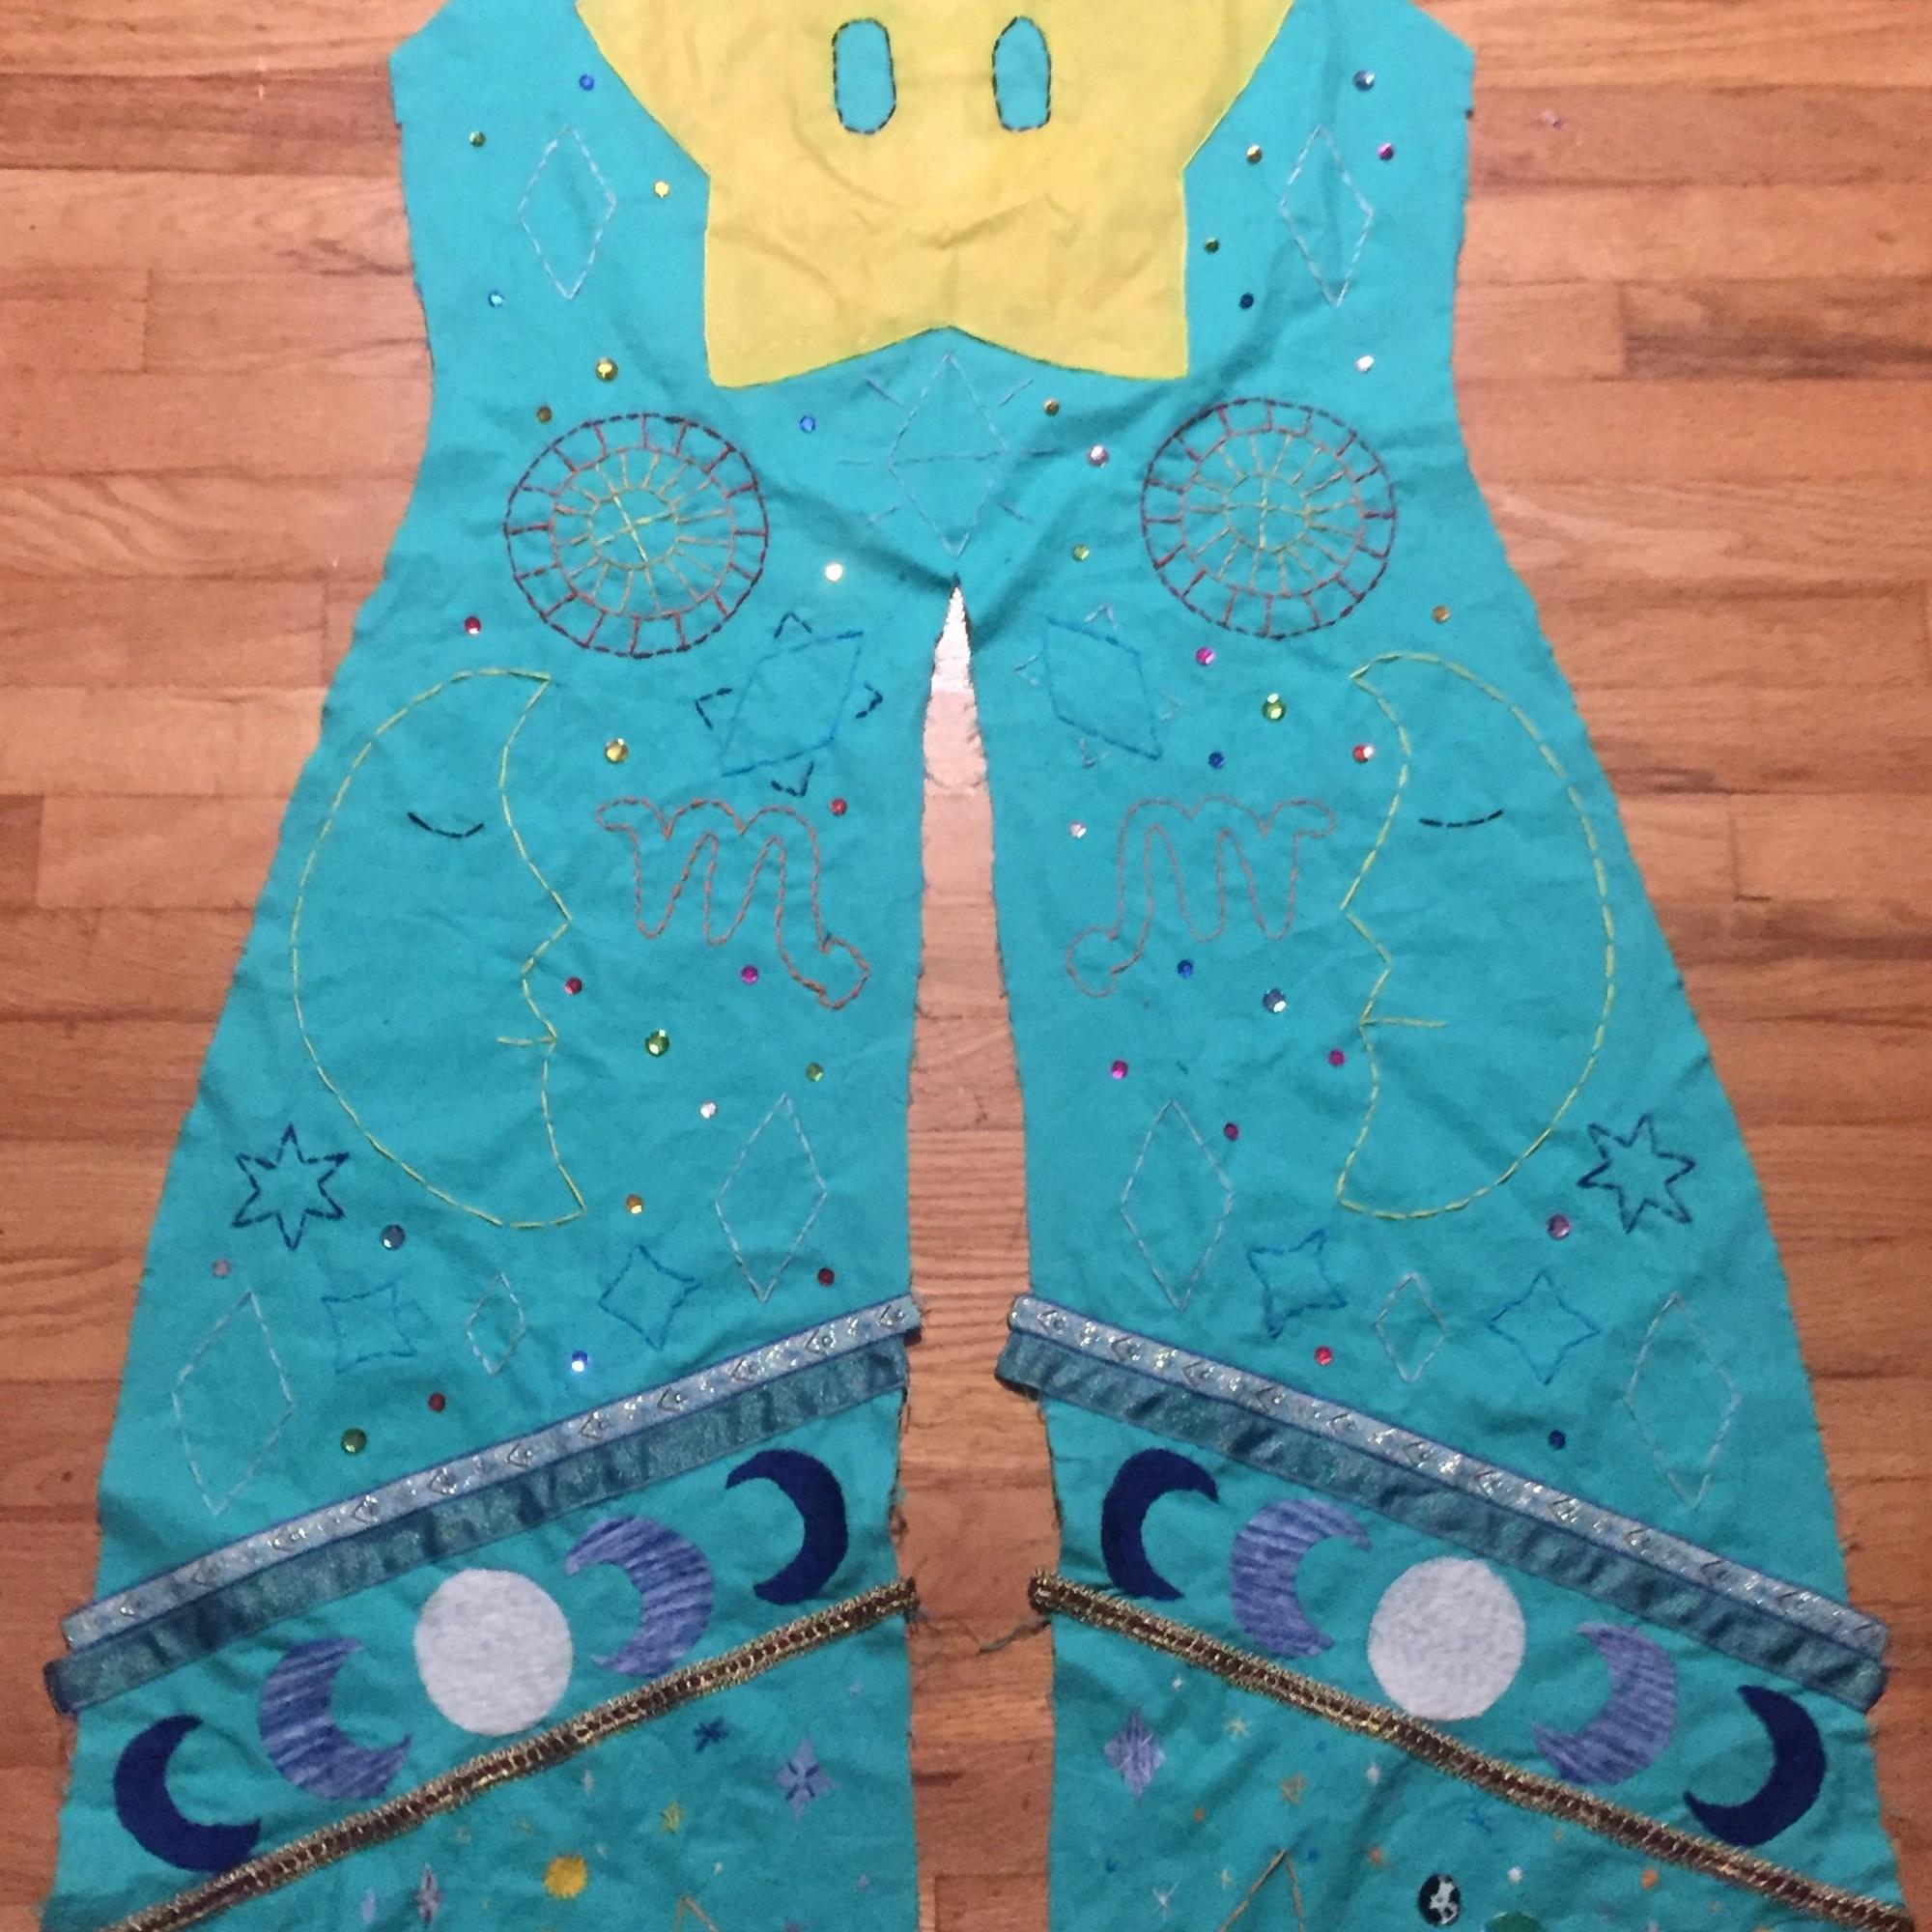 Fancily-designed cloak